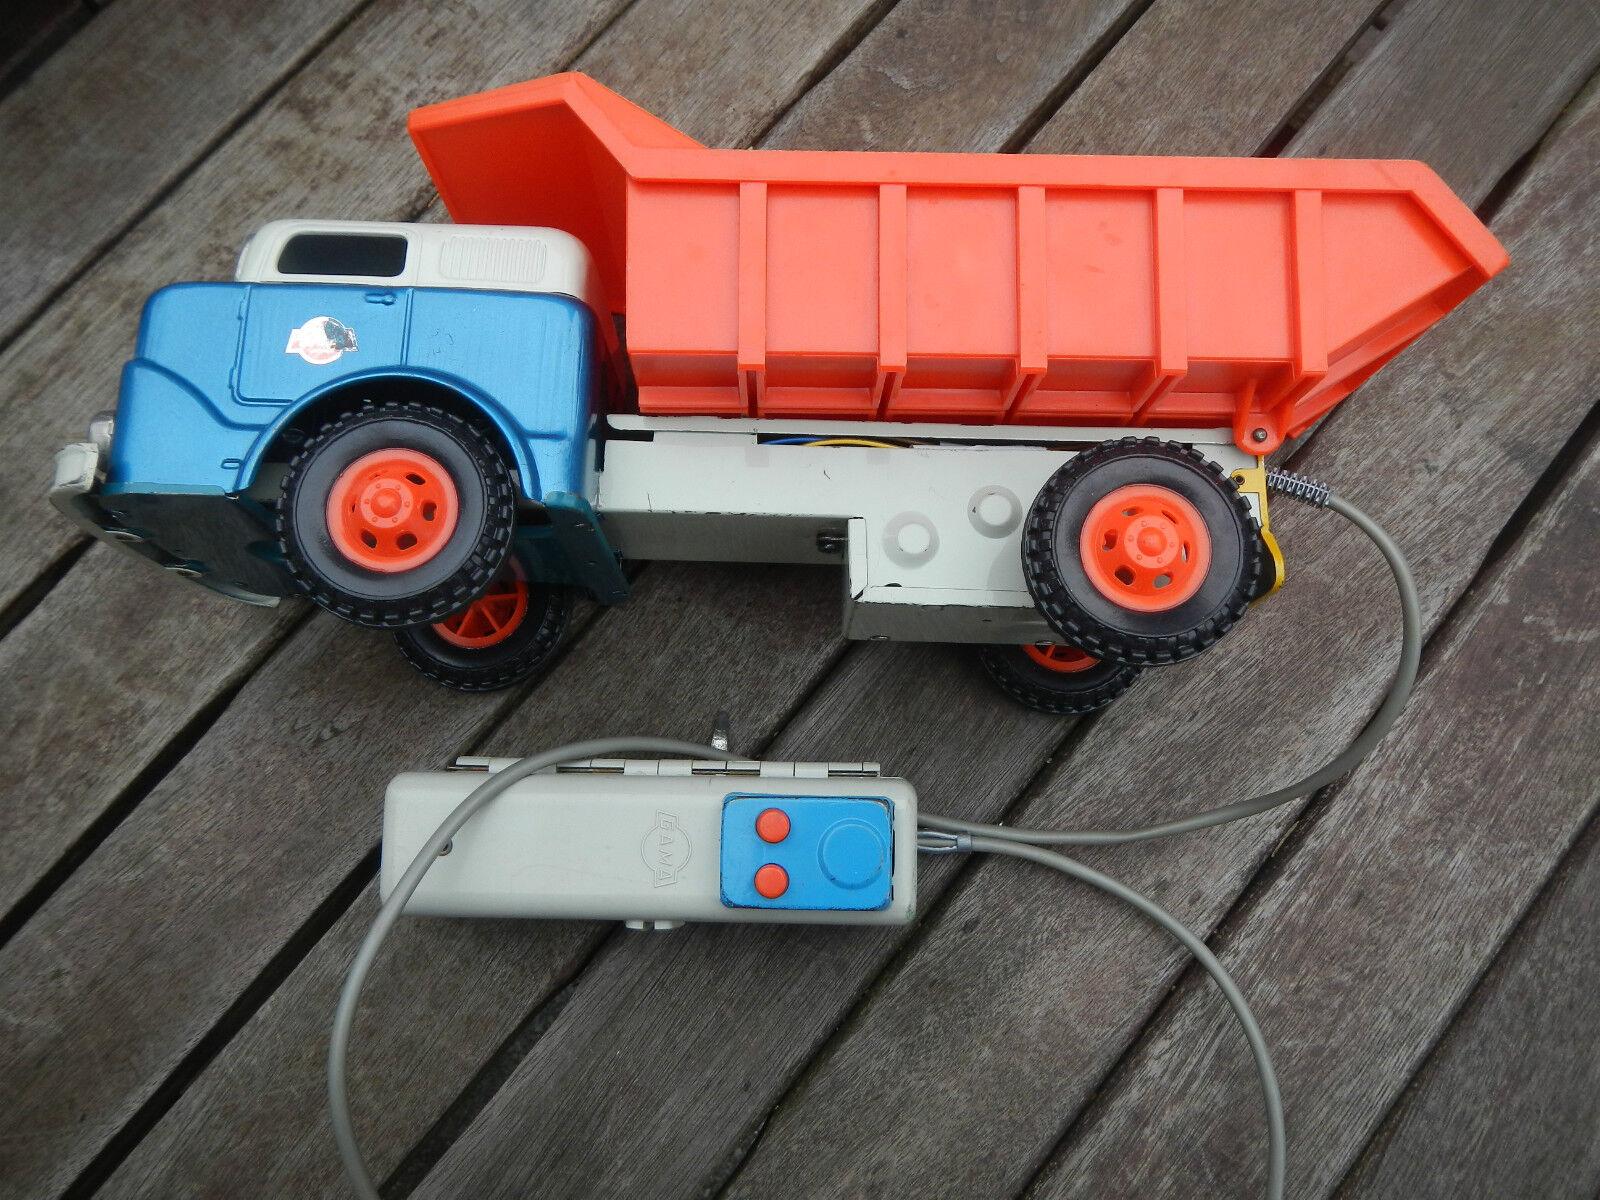 Gama camiones kipper chapa juguete camión de larga distancia directivo 60èr años